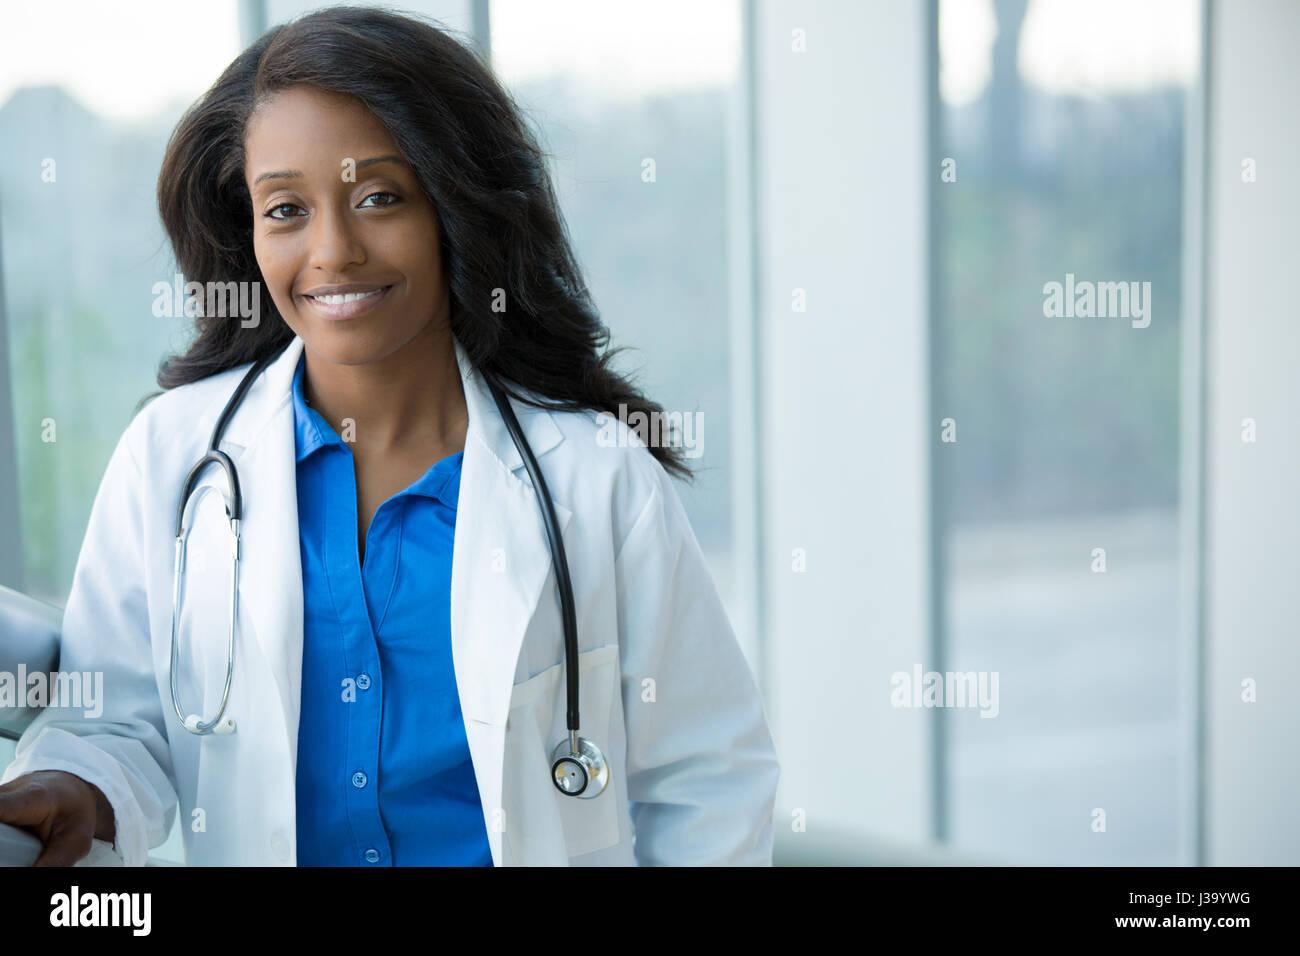 Closeup portrait of smiling confident female amical, professionnel de santé avec manteau de laboratoire, stéthoscope, les bras croisés. Hôpital clinique isolé retour Banque D'Images